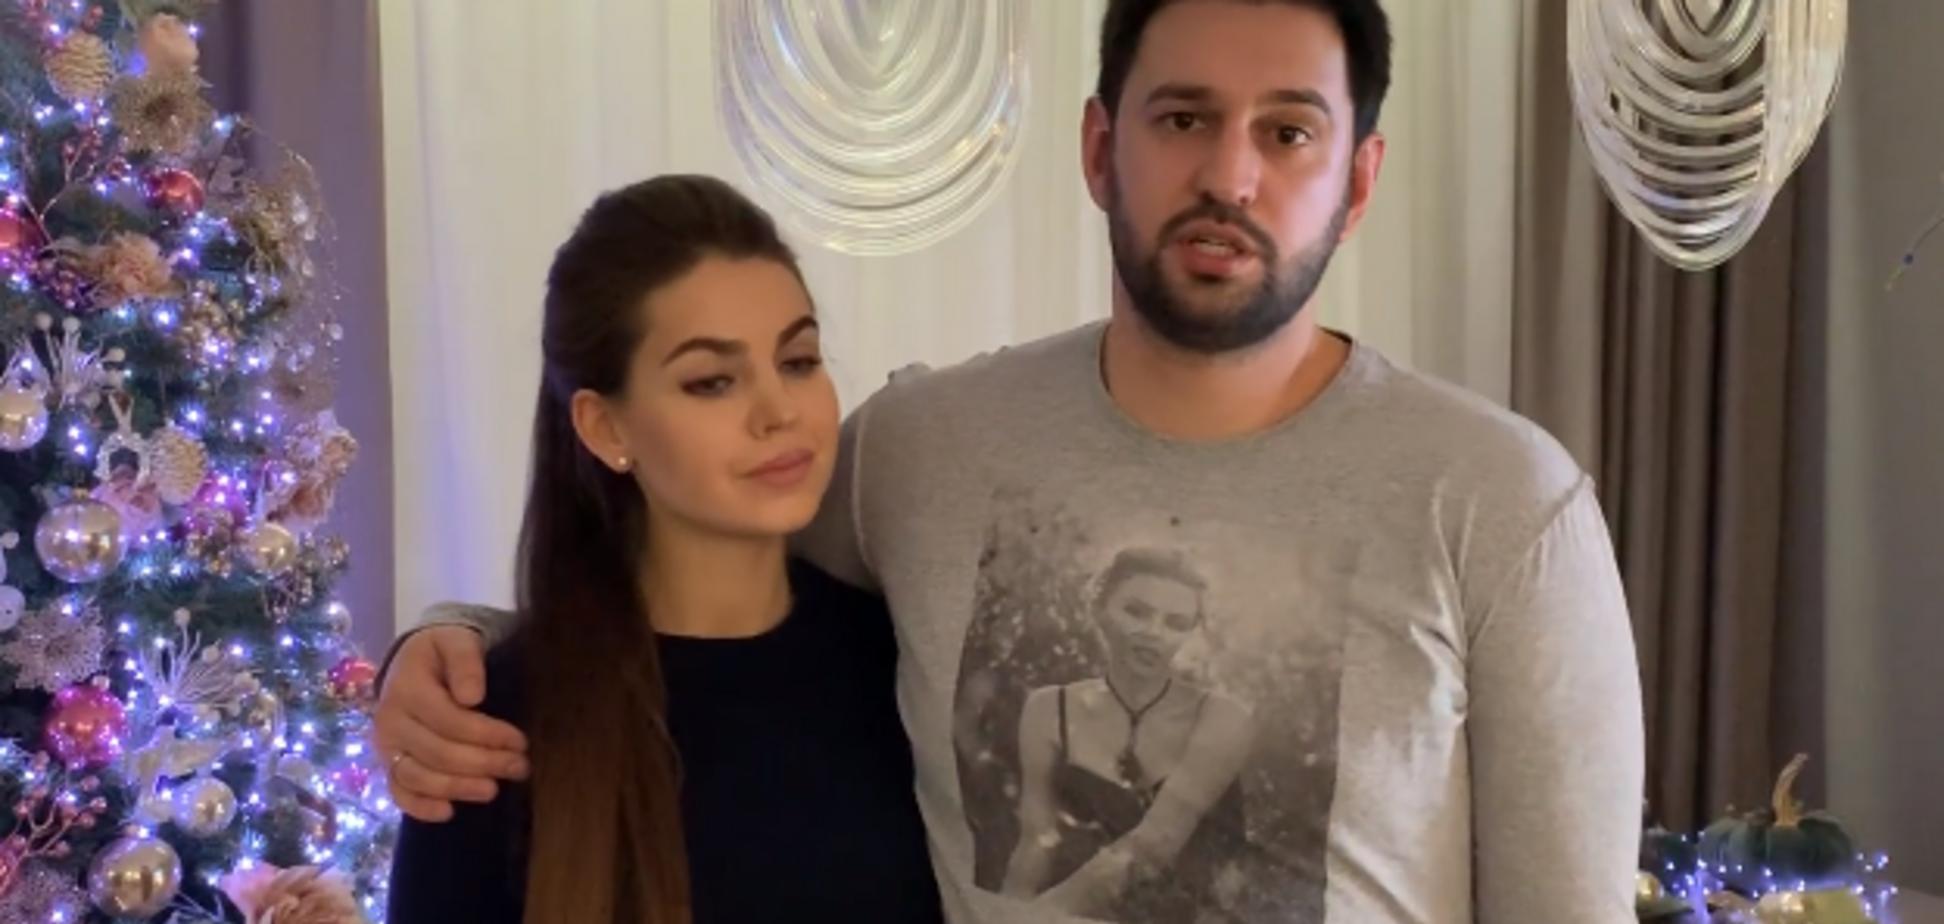 'РПЛ + БПП = любов?' Сім'я нардепів на всю Україну розповіла про ситуацію у стосунках. Відео